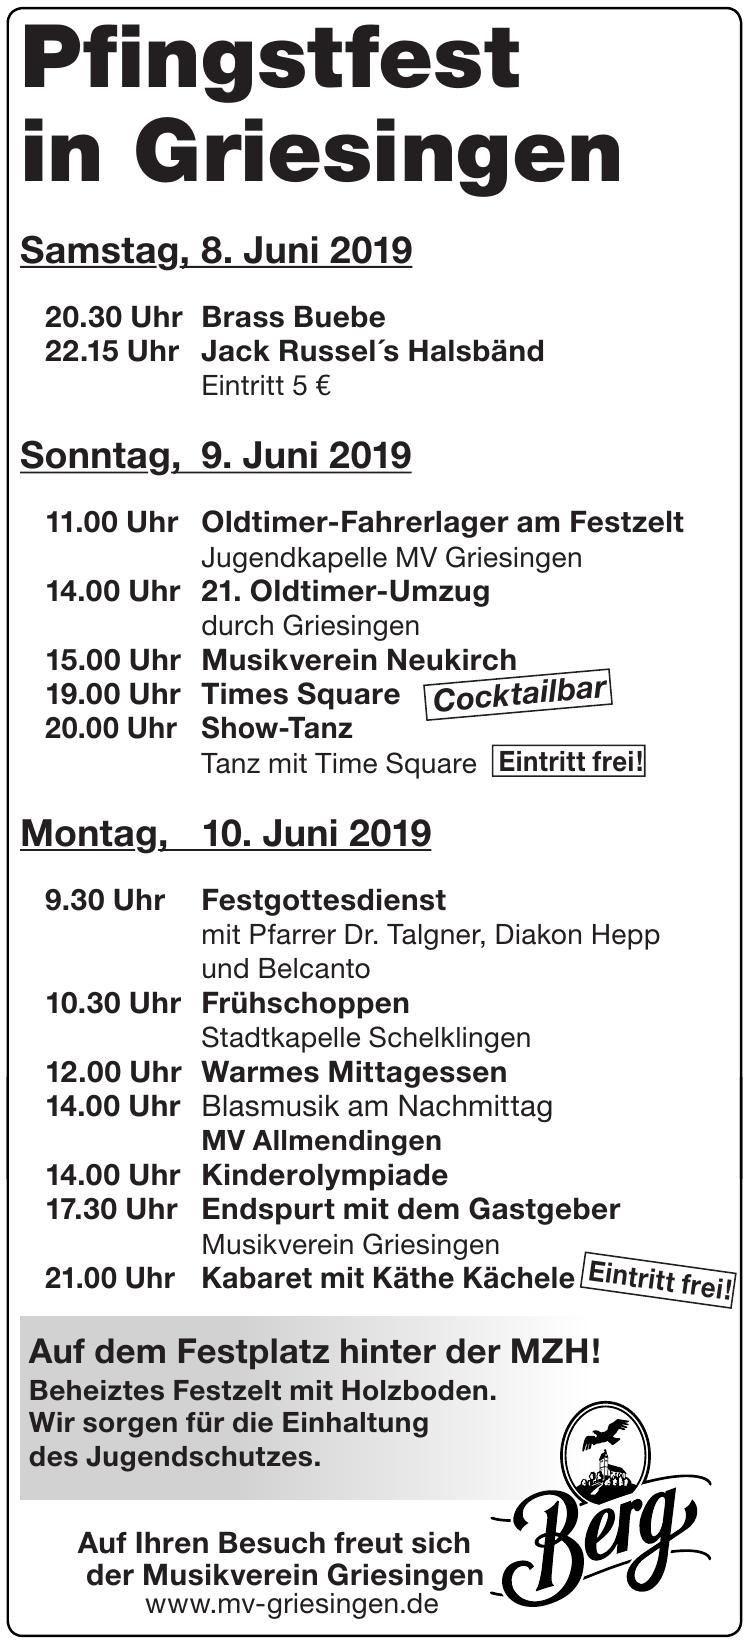 Pfingstfest in Griesingen